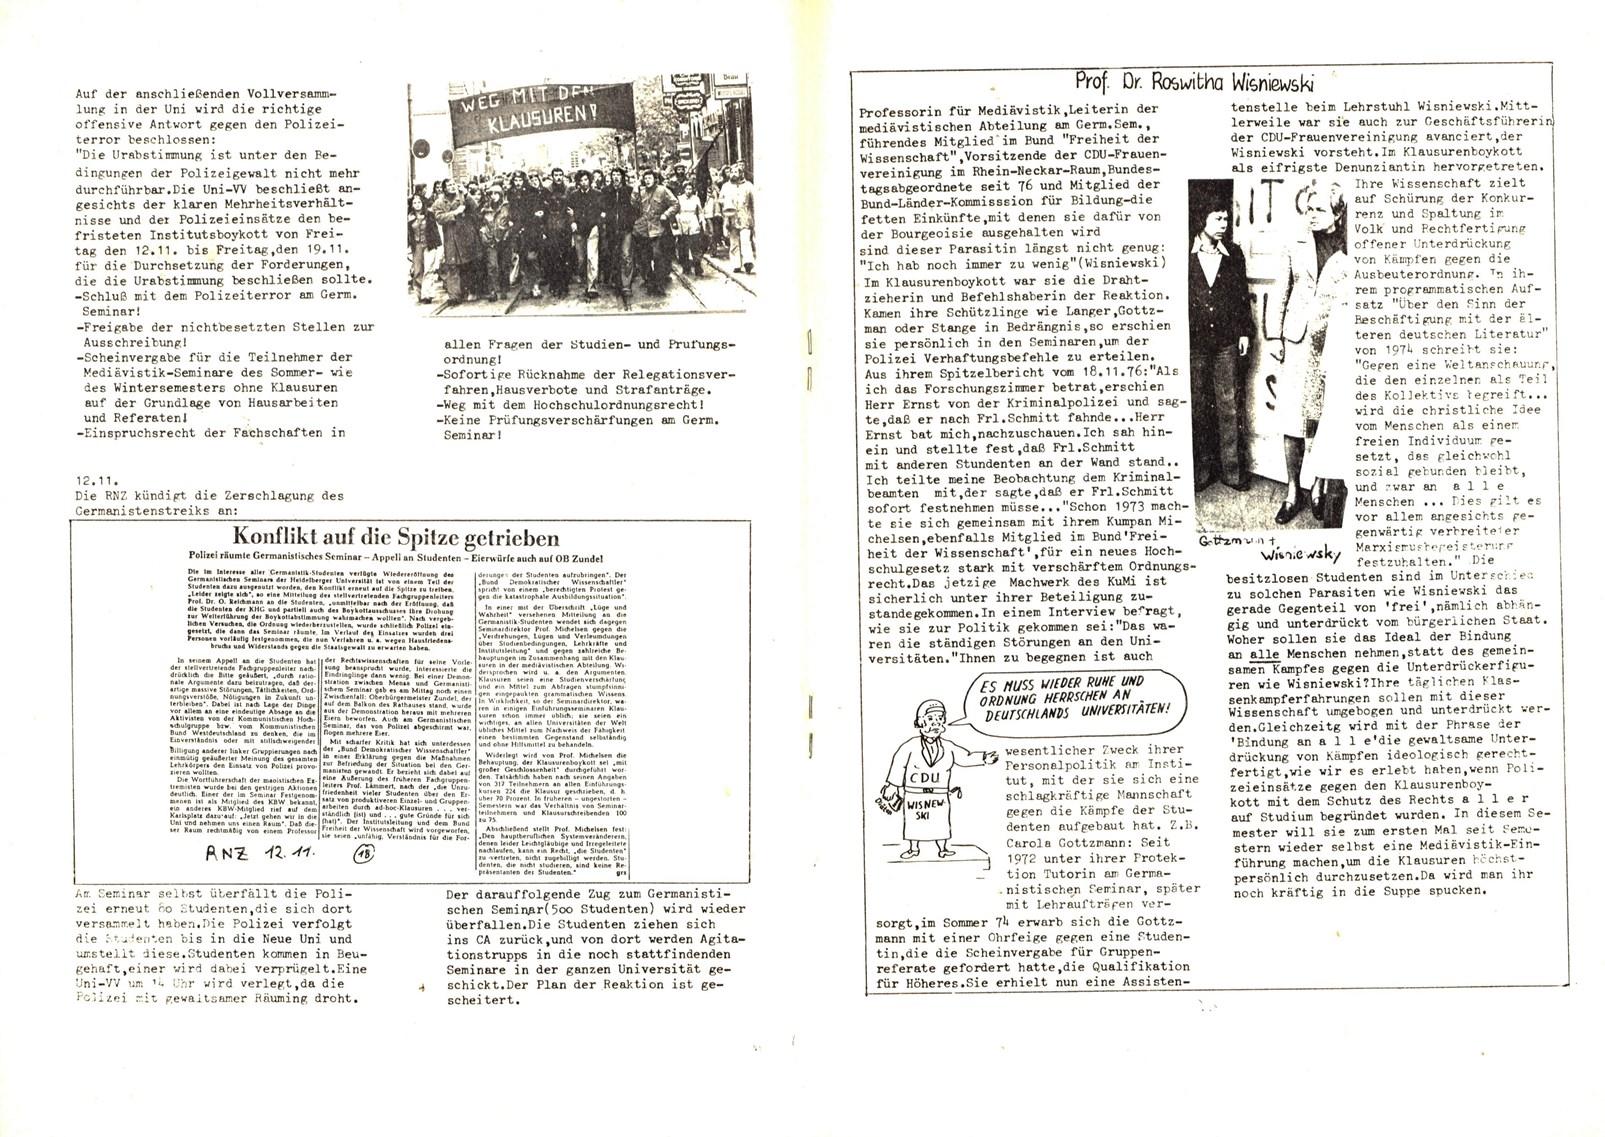 Heidelberg_KHG_1977_Chronik_WS_1976_77_14